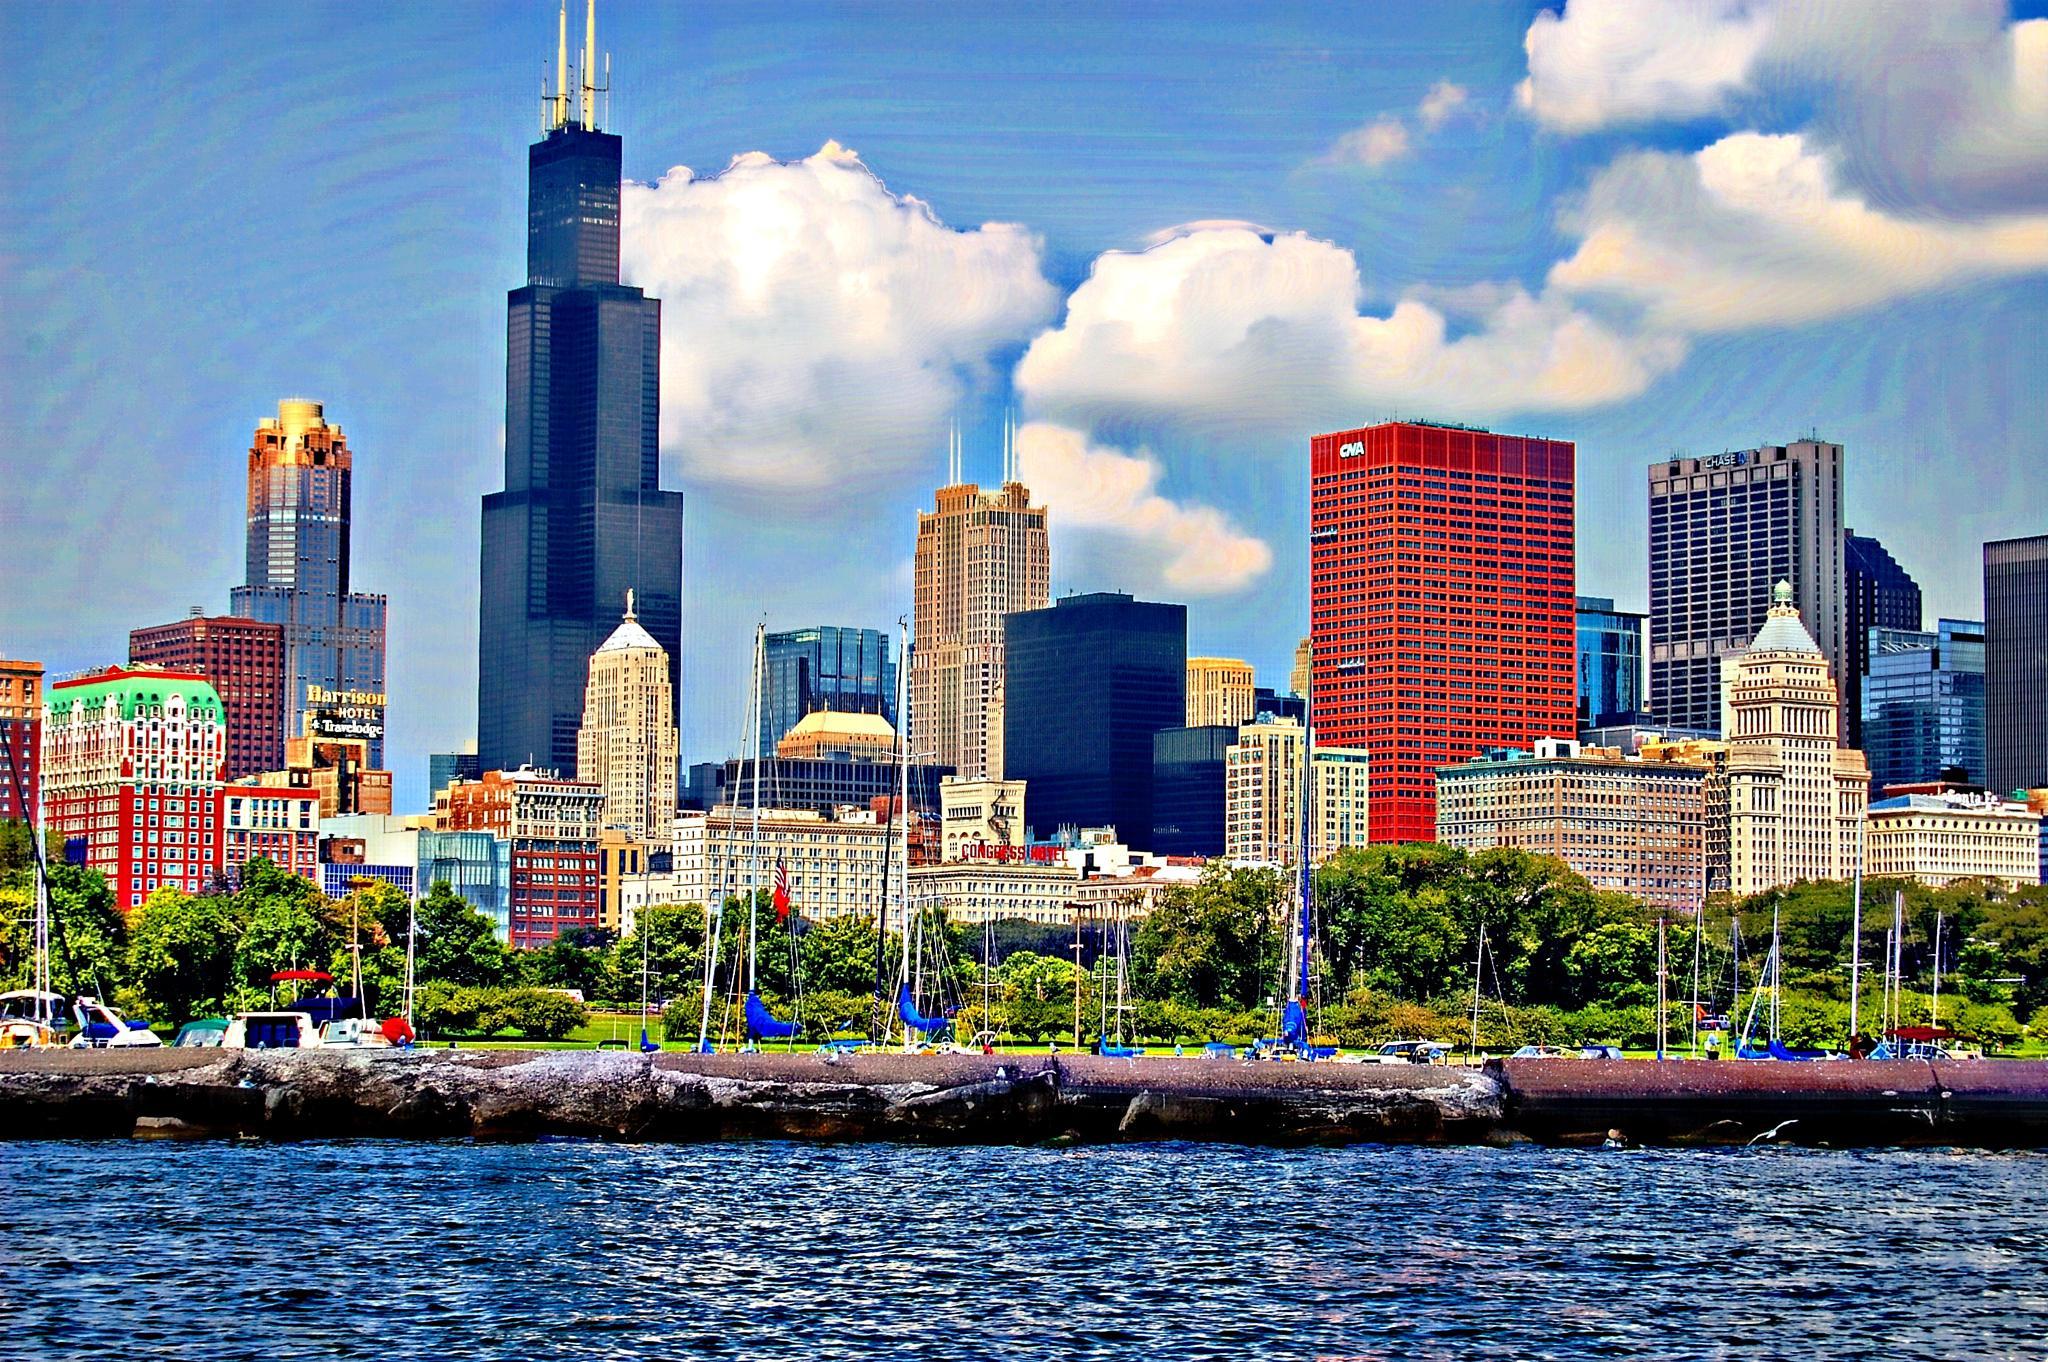 chicago skyline by Jon Radtke